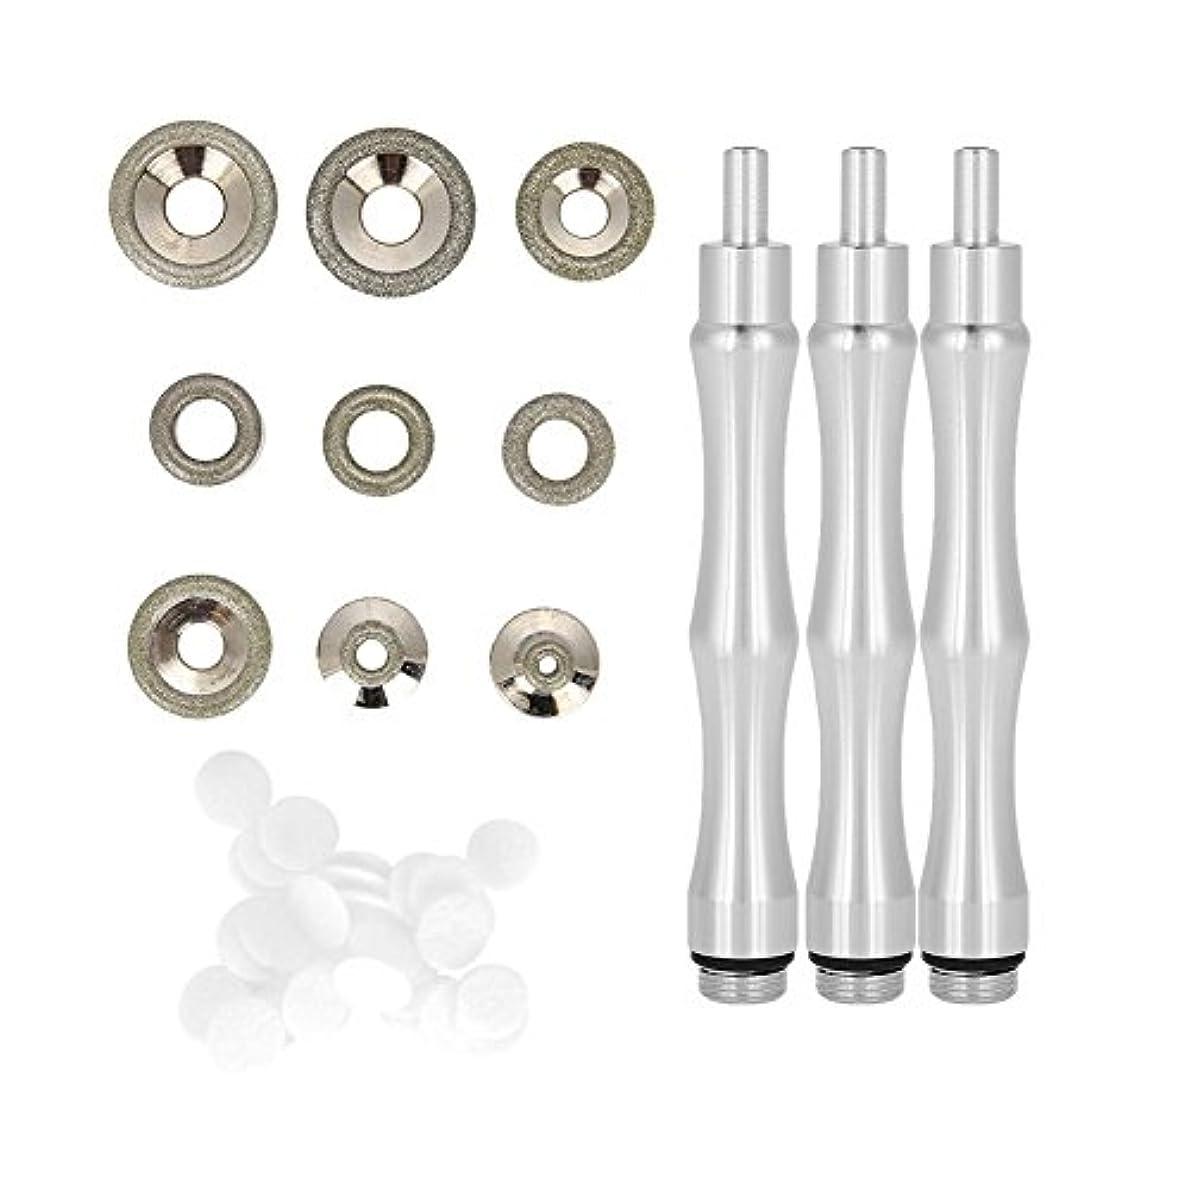 謙虚コントローラ干渉ダイヤモンドマイクロダーマブレーションヒント 、交換用、ハンドル付き、ステンレススチール製フィルターセット